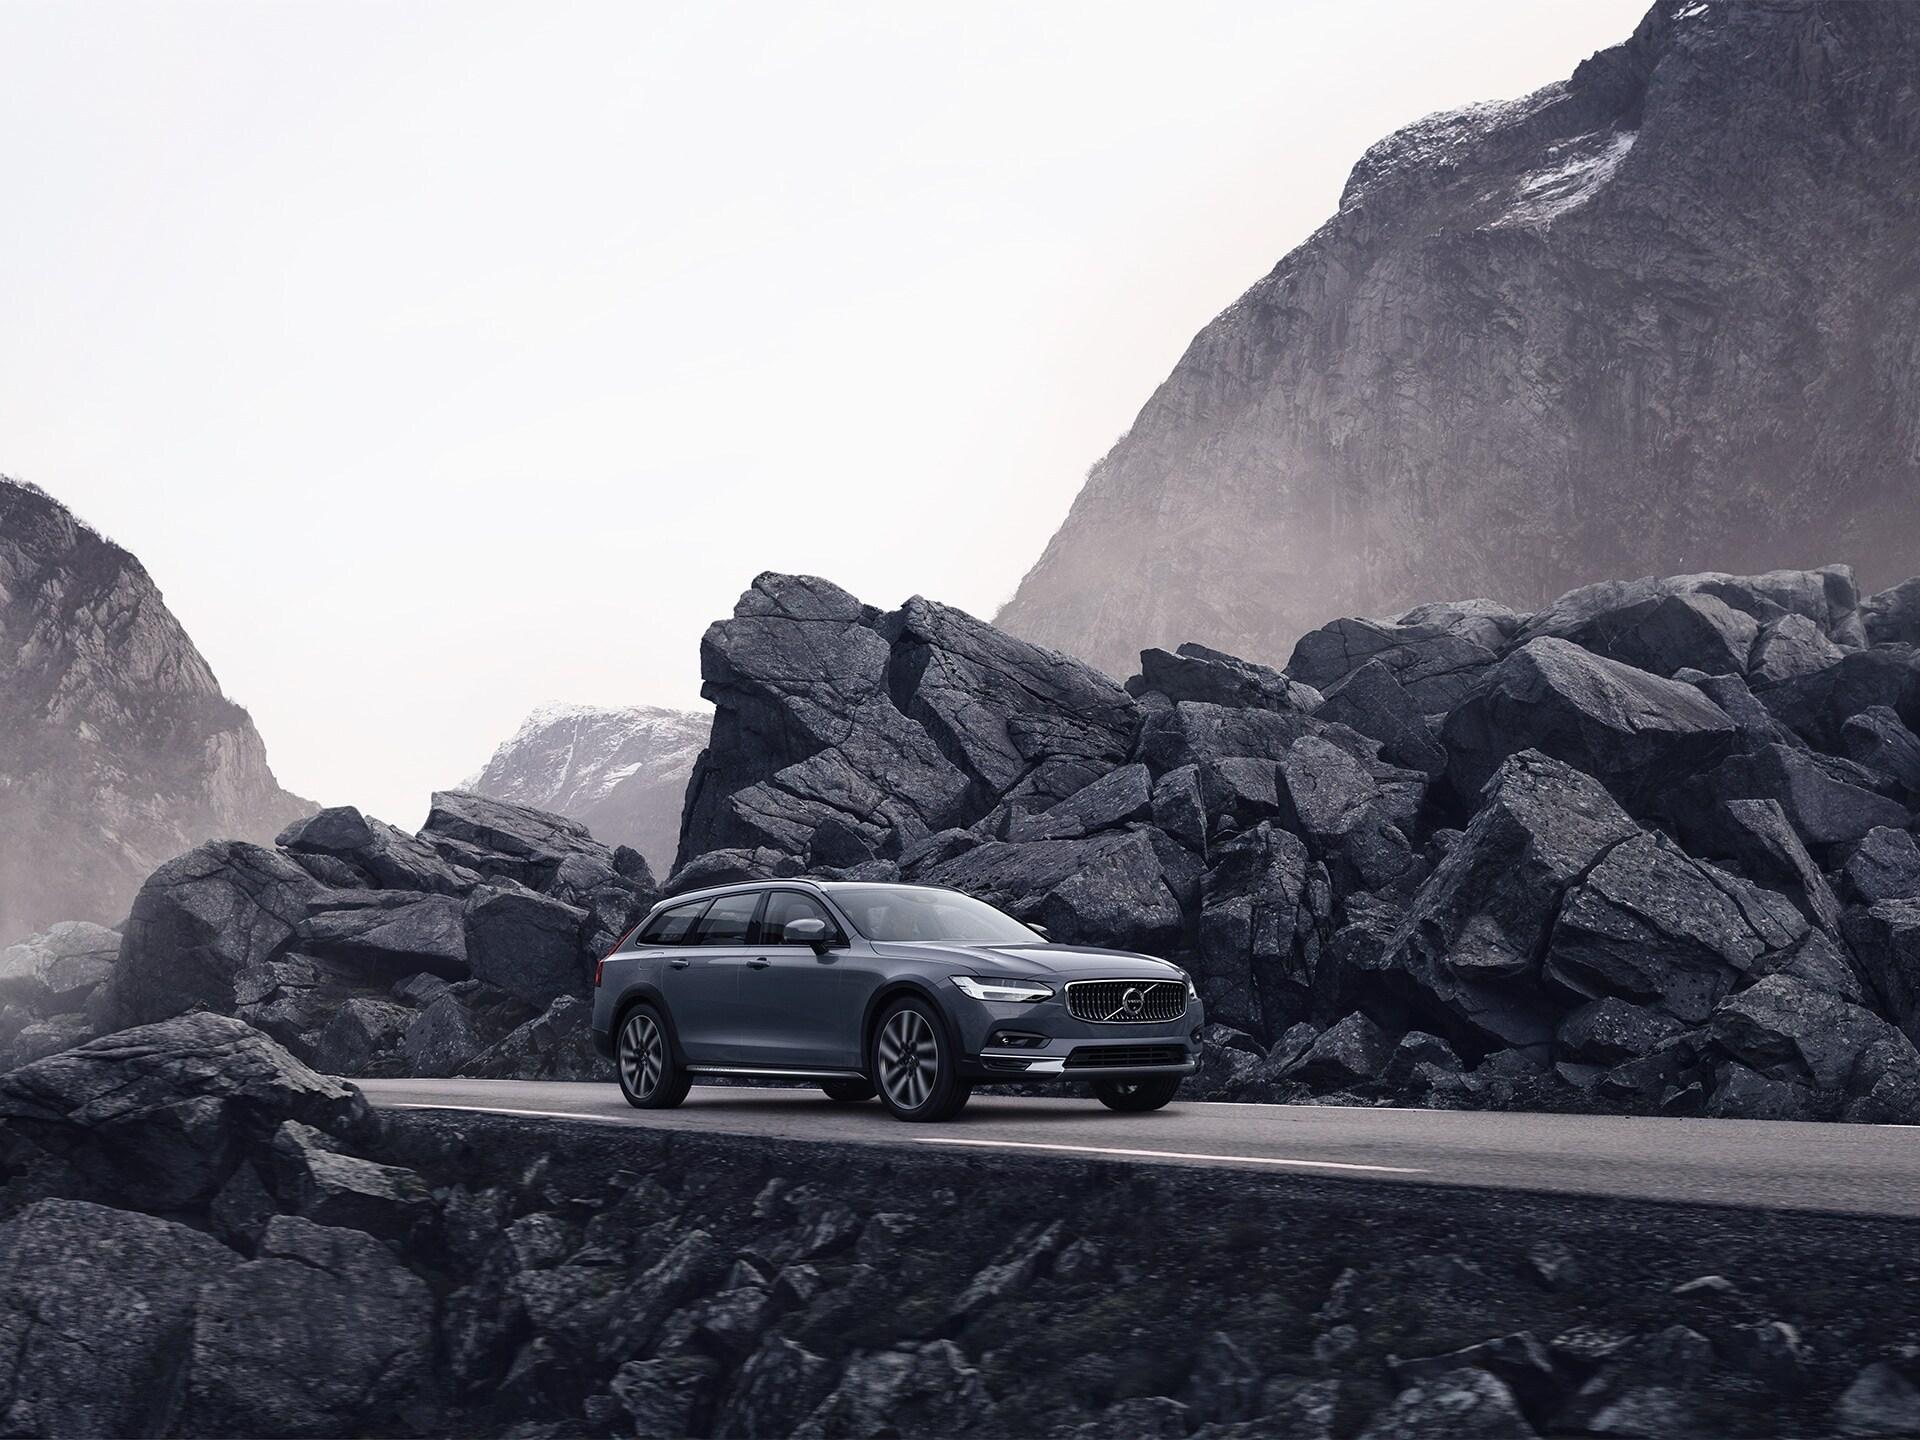 Een grijze Volvo rijdt op een weg met rotswanden.